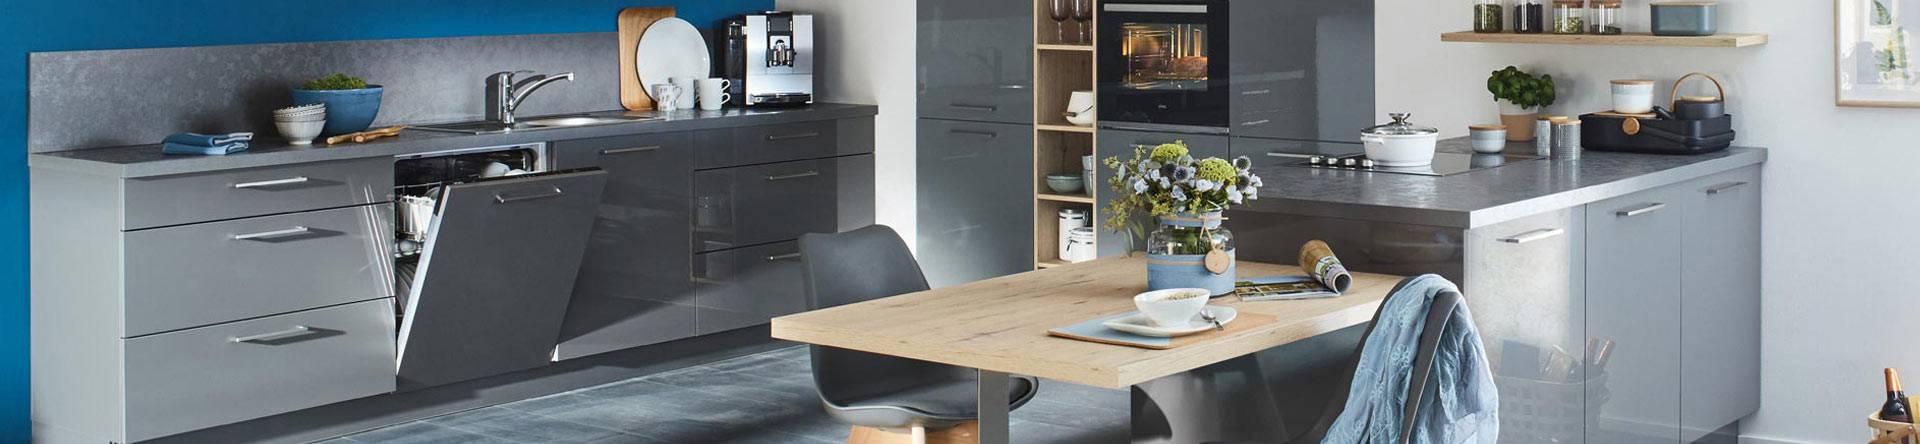 Full Size of Roller Miniküche Gnstige Kchen Jetzt Bei Kaufen Mbelhaus Ikea Stengel Regale Mit Kühlschrank Wohnzimmer Roller Miniküche